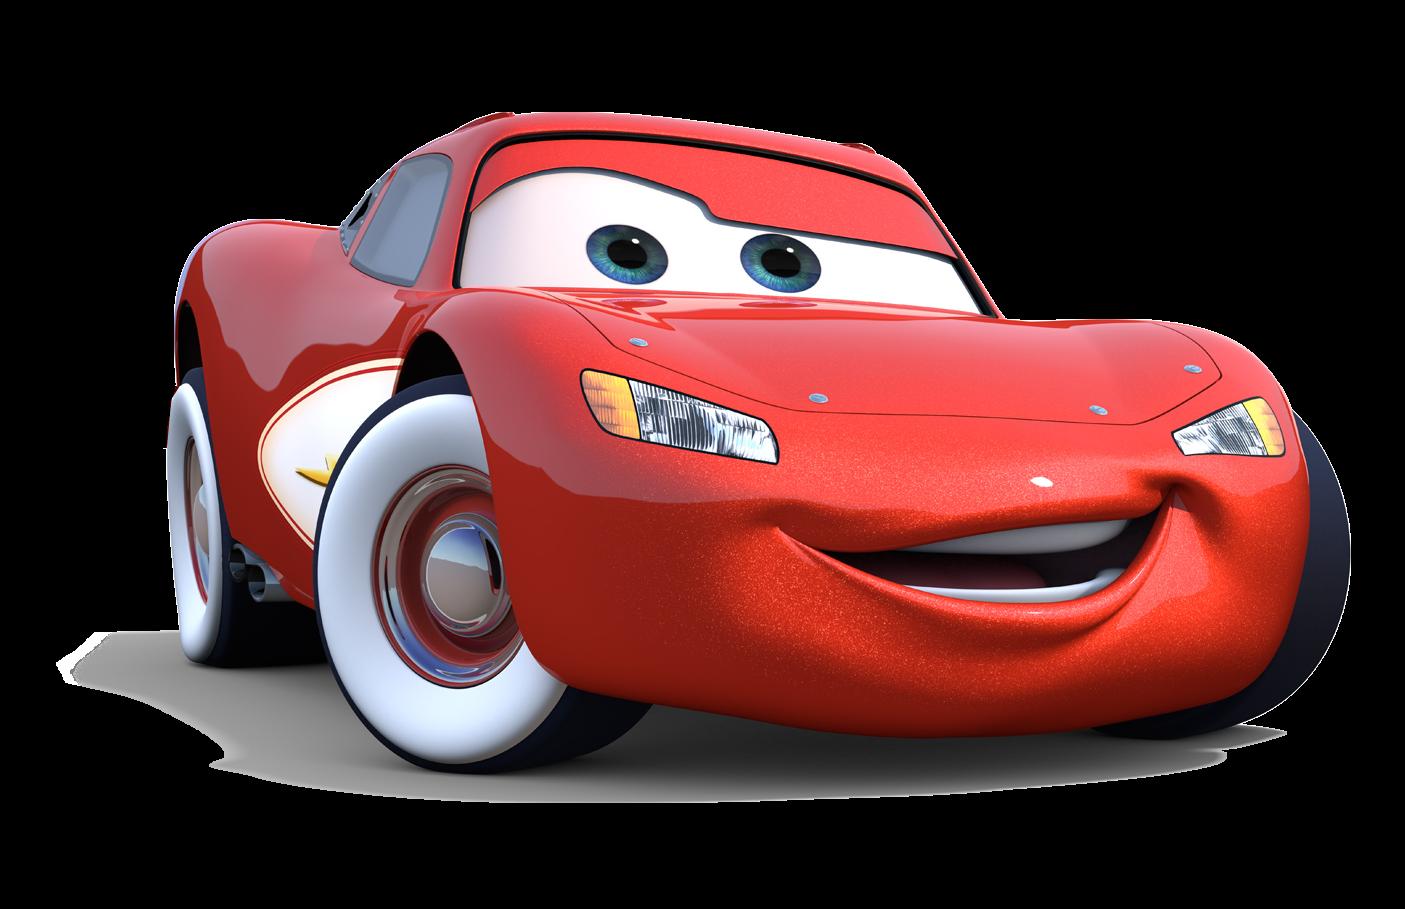 Filme Carros Relampago Mcqueen 3, Personagem Filme Carros